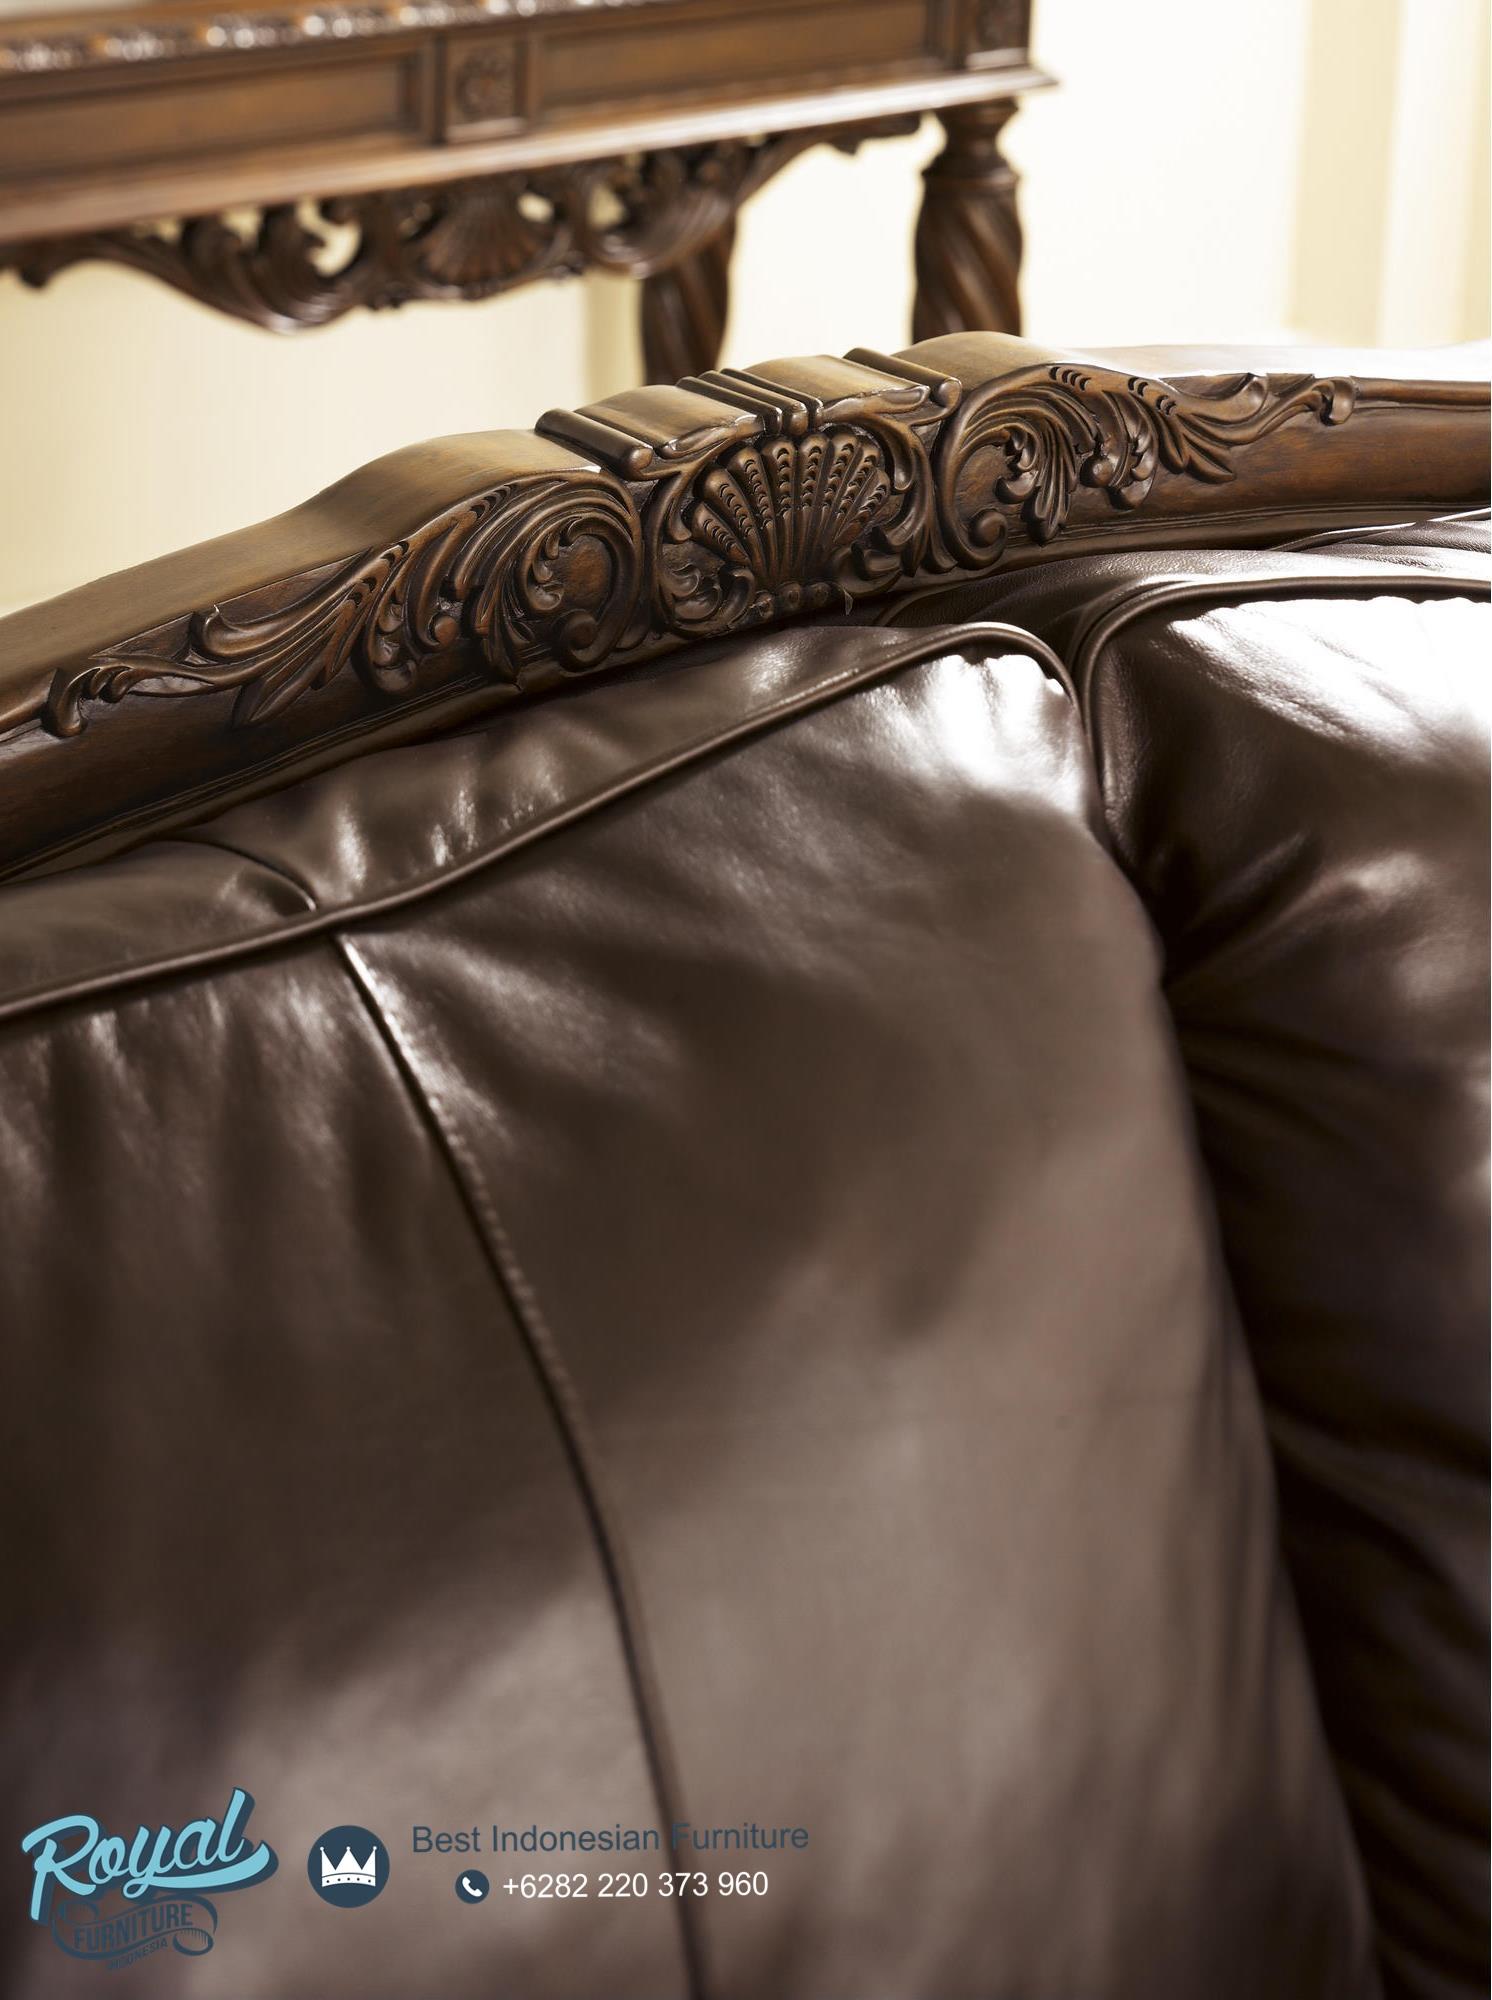 Set Kursi Tamu Klasik Ukiran Jepara Kayu Jati Antique, sofa tamu mewah jepara, sofa tamu mewah kayu jati, sofa tamu mewah terbaru, sofa tamu mewah kayu jati, jual sofa tamu mewah asli jepara, sofa ruang tamu mewah, sofa ruang tamu mewah modern, kursi sofa tamu mewah, harga sofa tamu mewah murah, sofa tamu minimalis mewah, sofa mewah, kursi tamu mewah modern, kursi tamu mewah minimalis, sofa mewah modern, kursi mewah ruang tamu, kursi tamu mewah kualitas terbaik, sofa klasik mewah terbaru, mebel jepara, furniture jepara, royal furniture